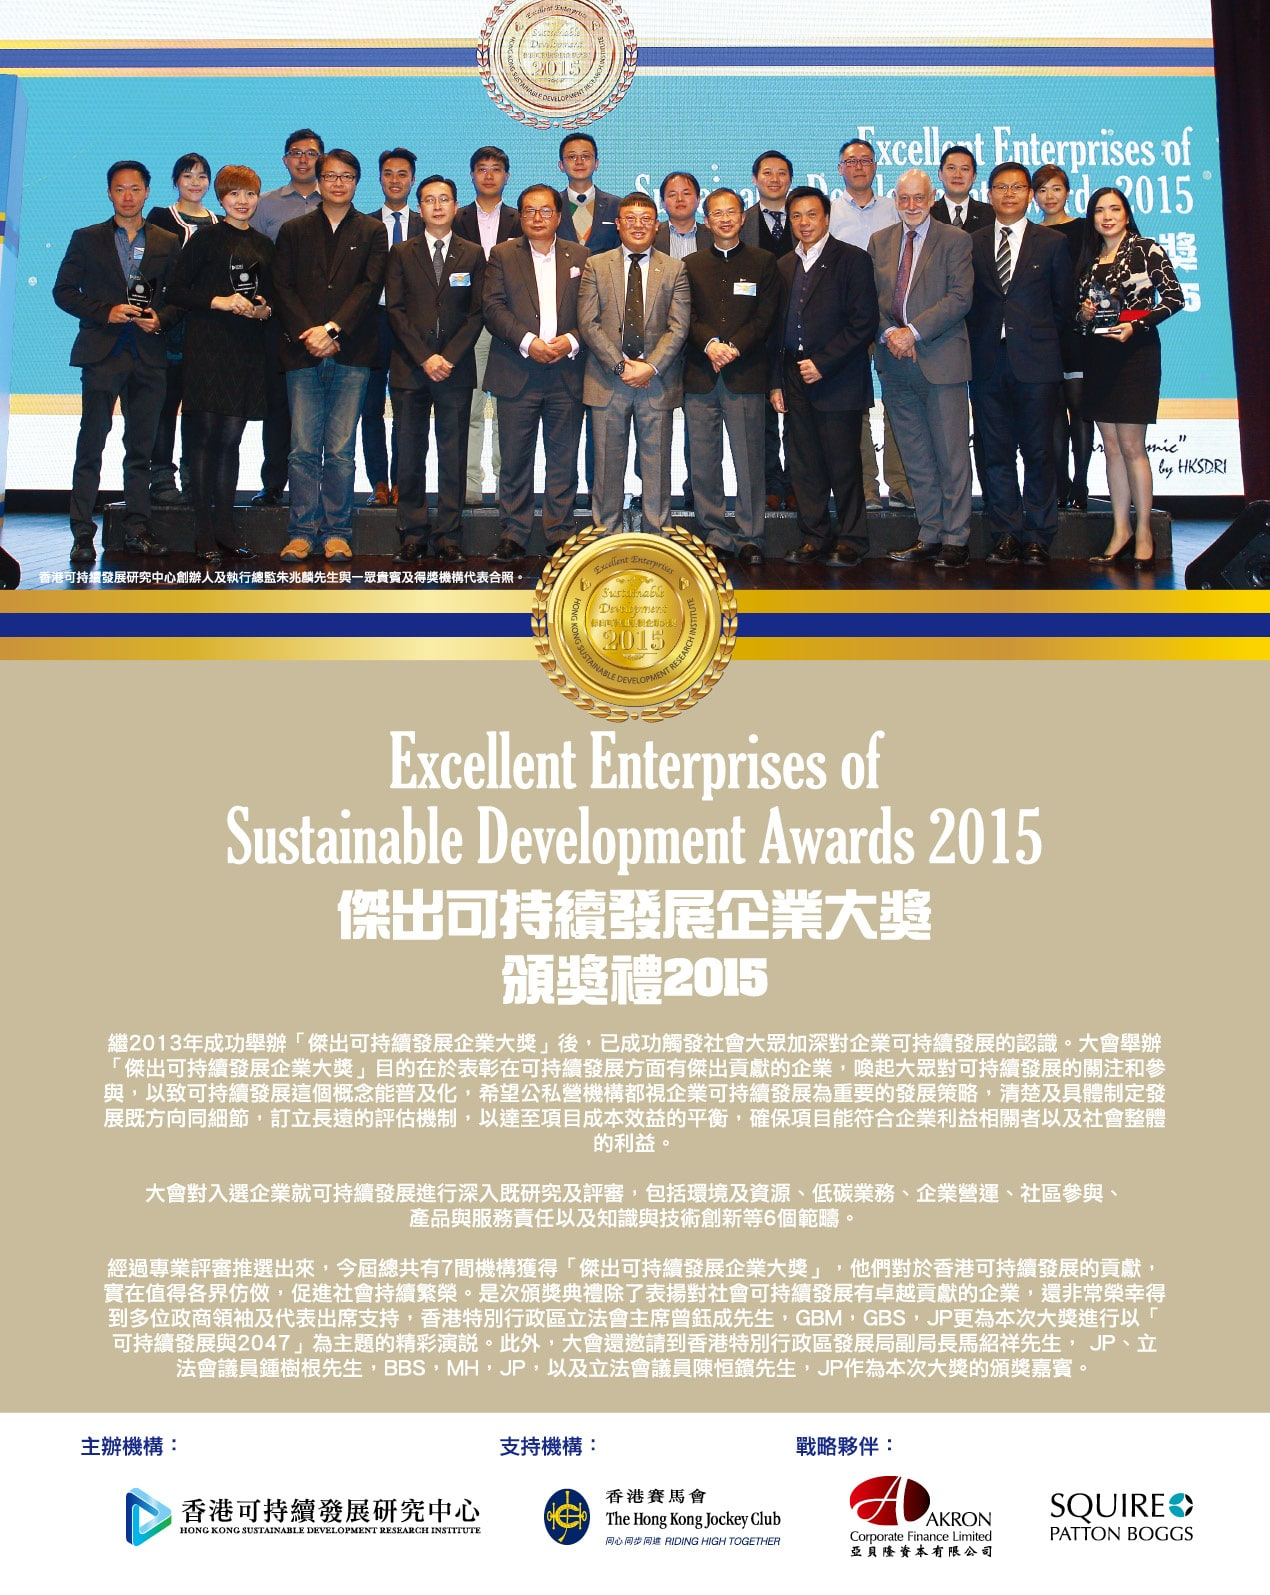 《經濟一週》 – 傑出可持續發展企業大獎